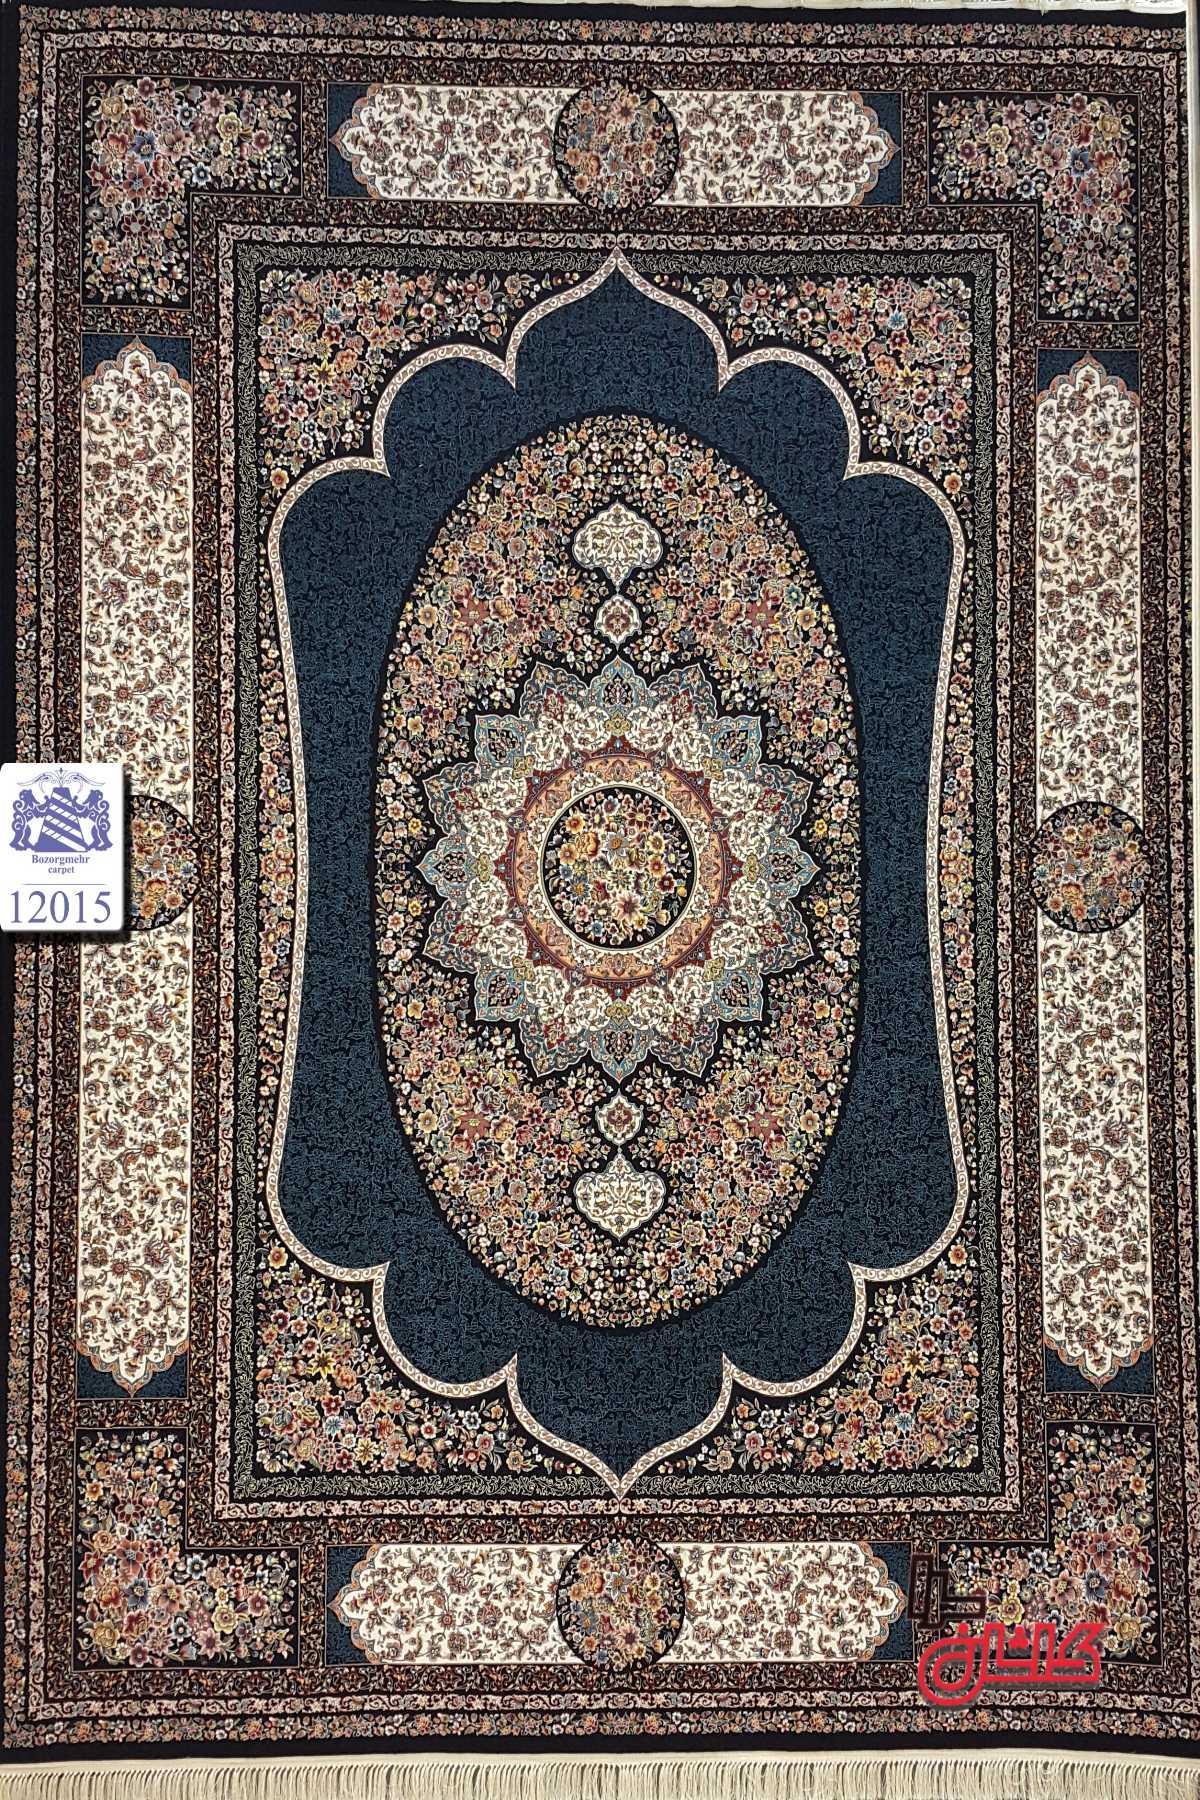 فرش های با کیفیت به قیمت عمده (1200 شانه)